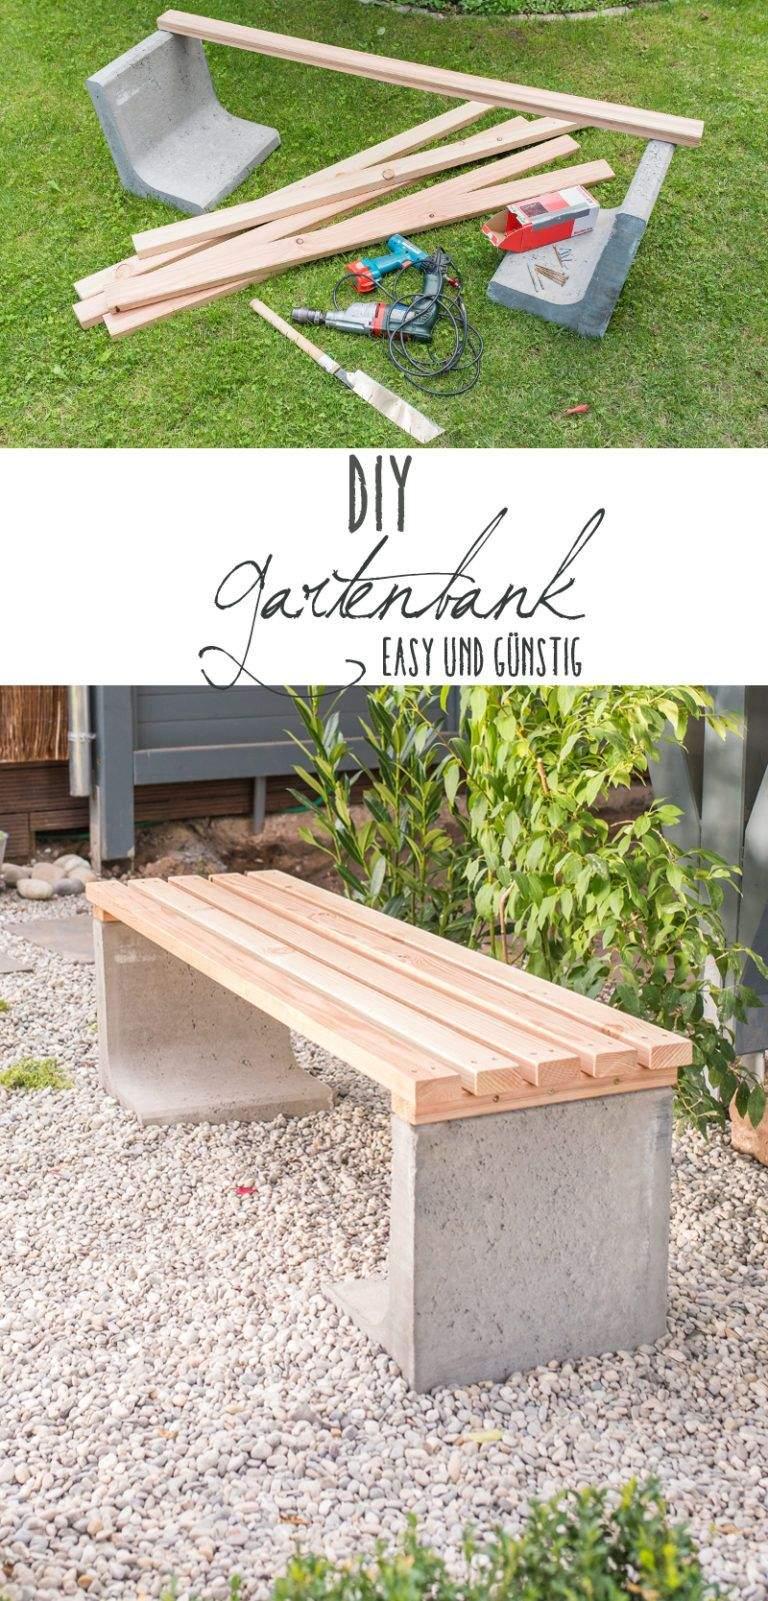 Sitzbank Holz Garten Reizend Diy Gartenbank Mit Beton Und Holz